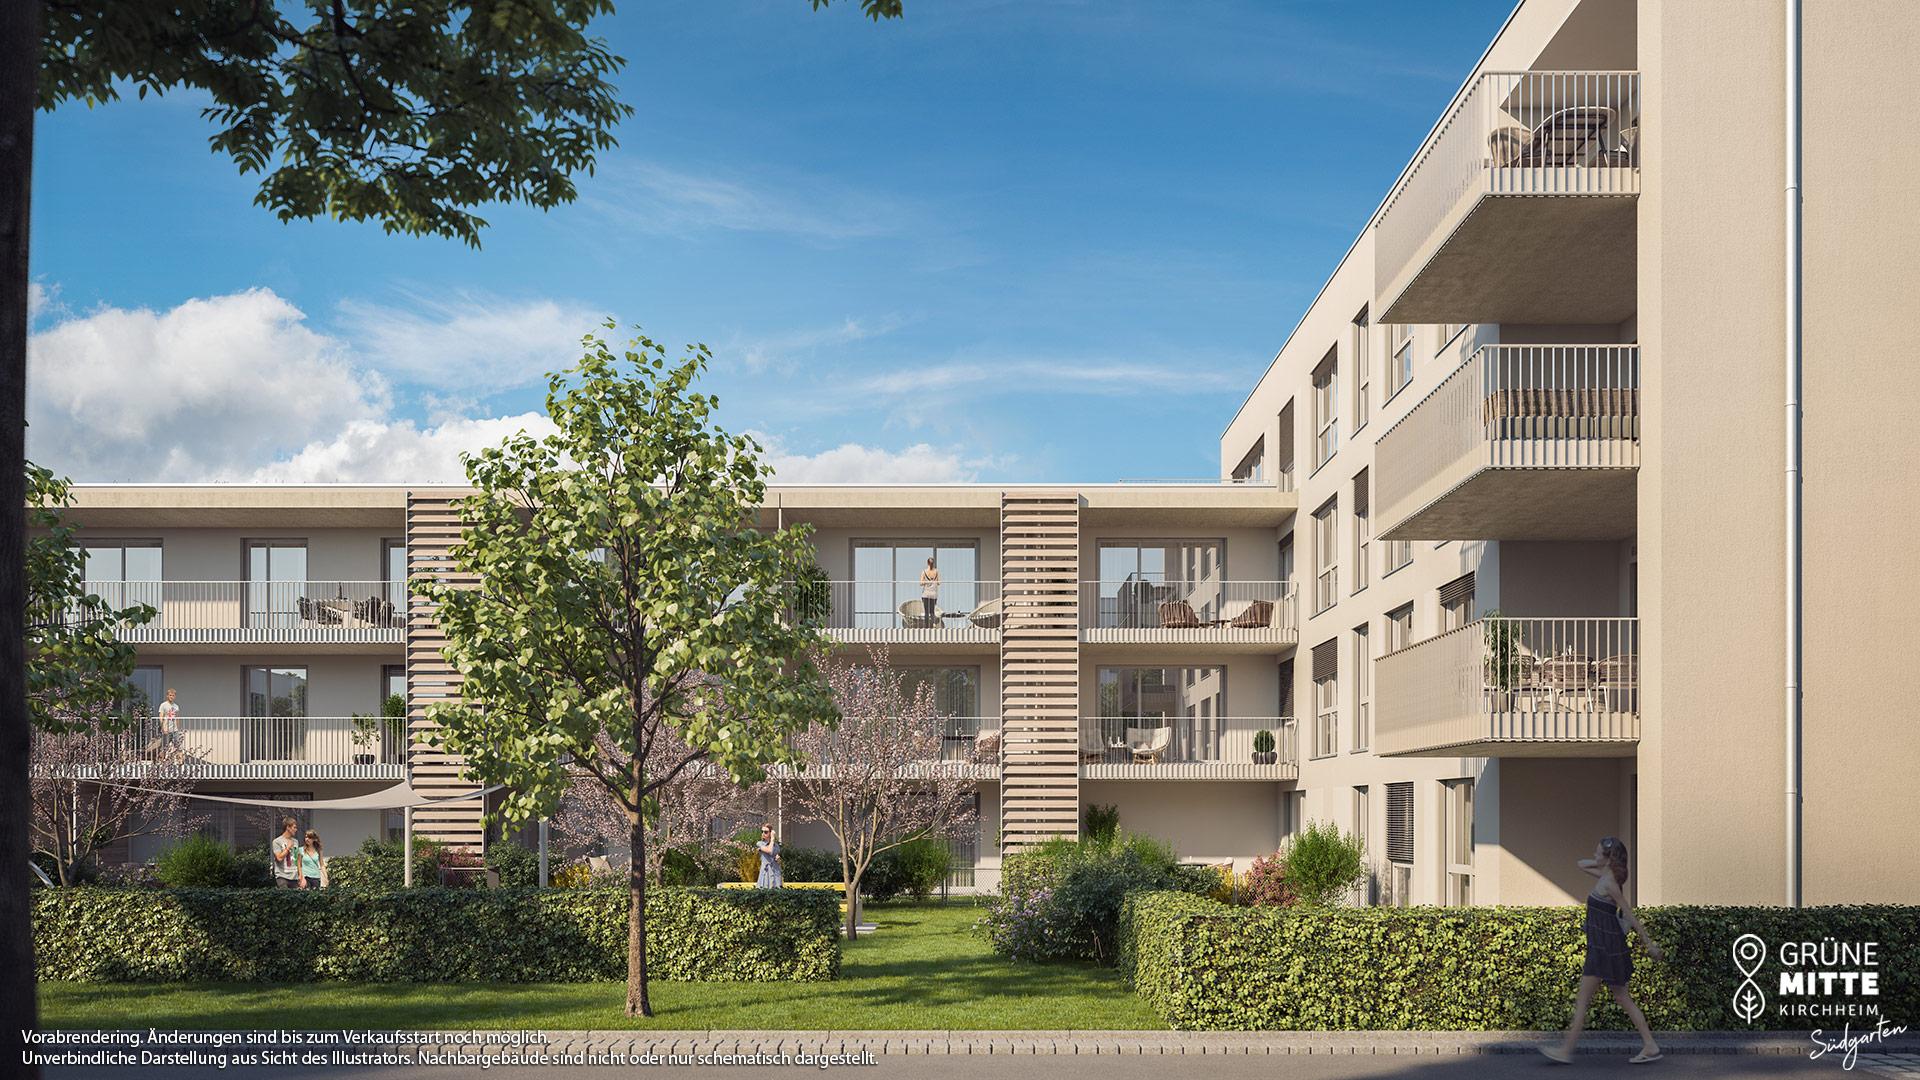 Immobilie Grüne Mitte Kirchheim - Suedgarten - Vorankündigung - Illustration 1